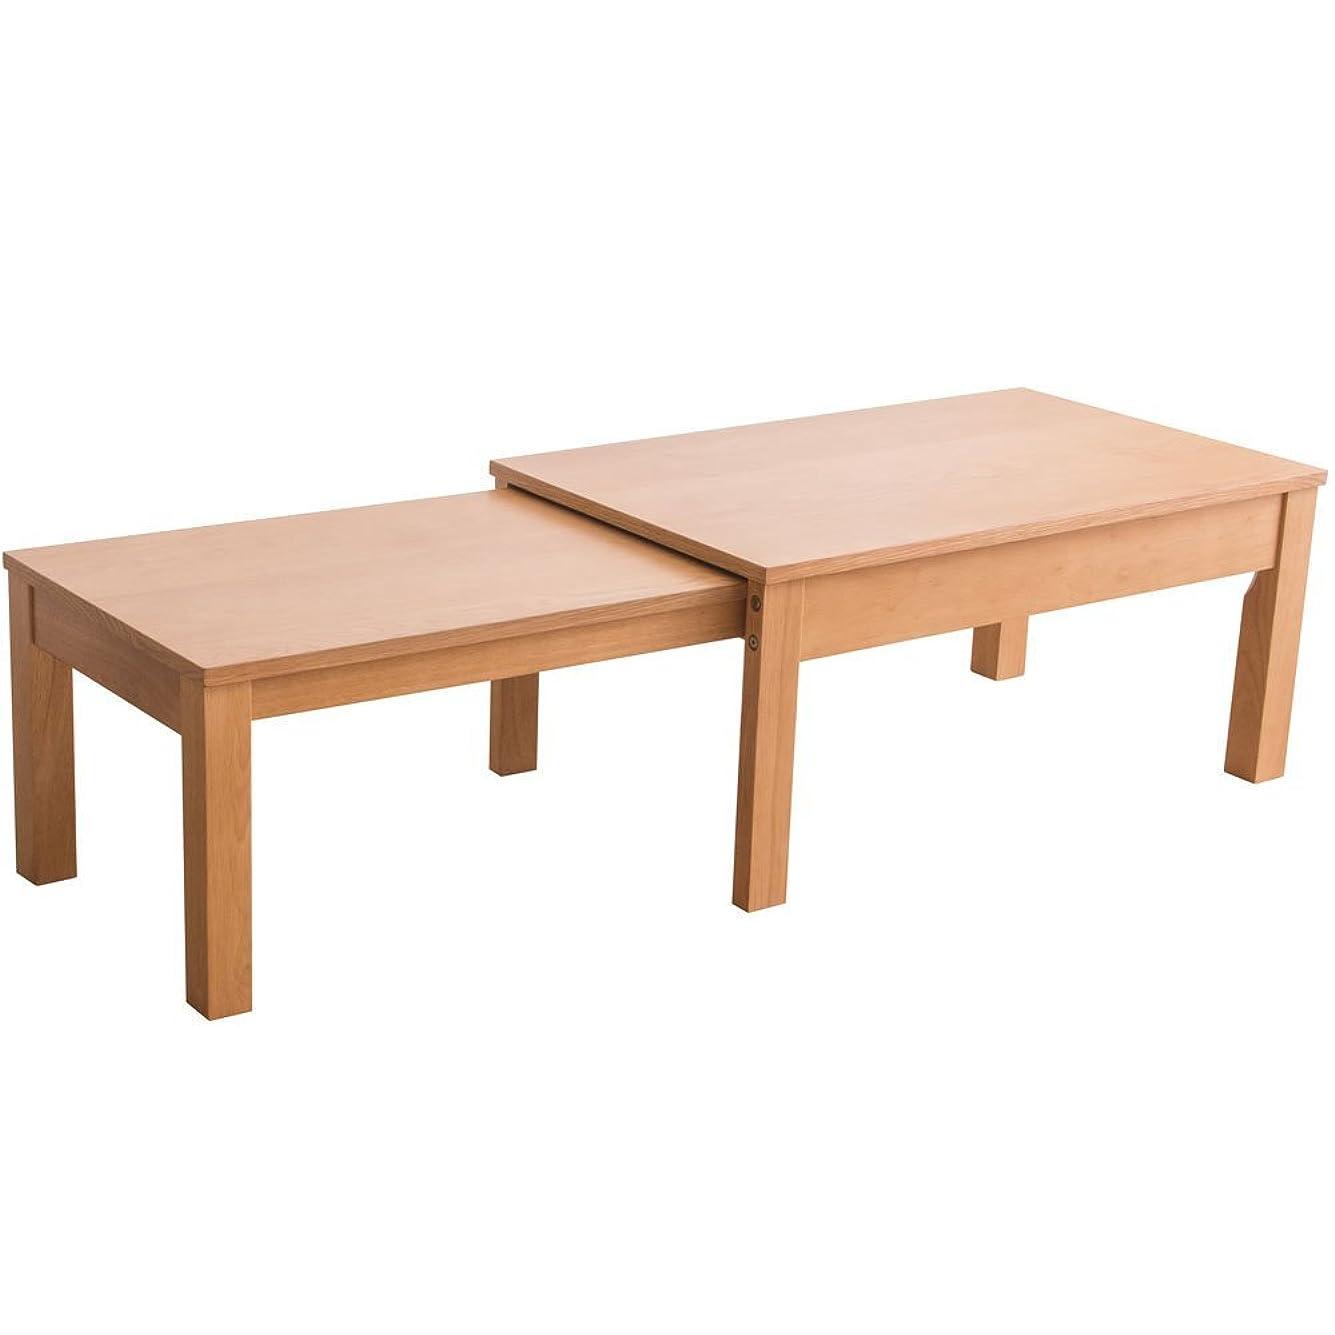 アイリスプラザ テーブル リビングテーブル 伸縮 木製 天然木 キャスター付き シンプル ナチュラル 幅約80-140cm RPE80TBLNA